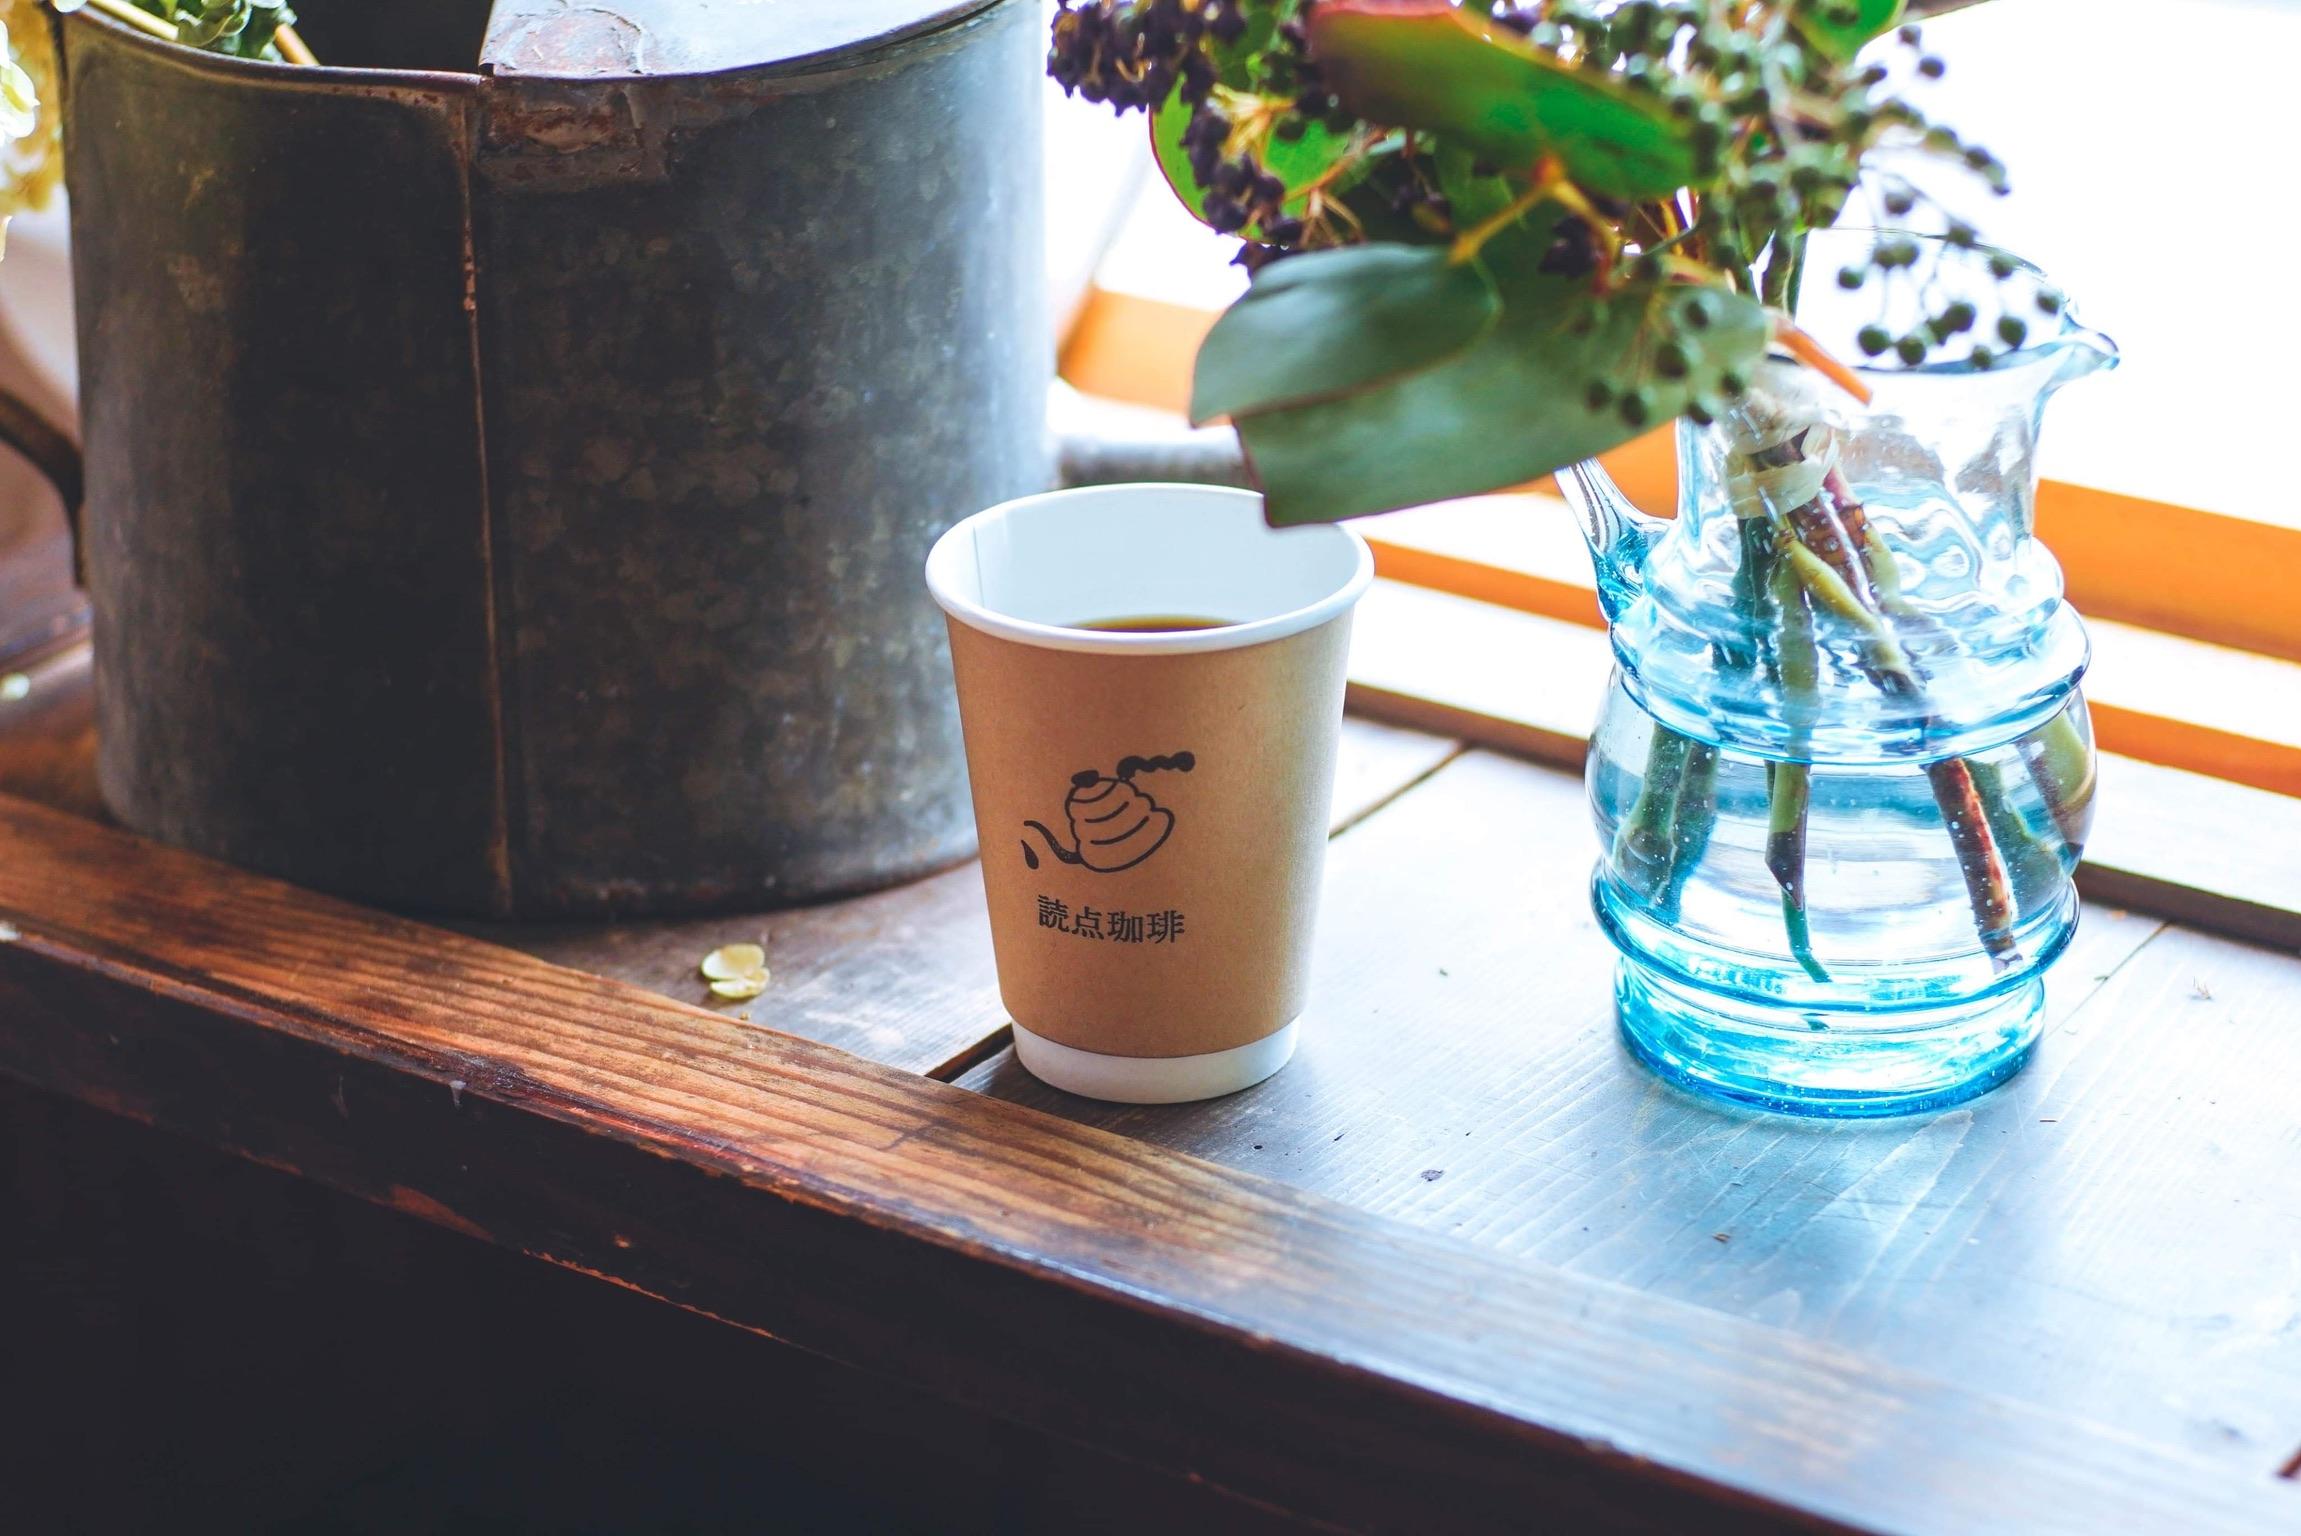 「0→1じゃなく、0.5でいい」安定志向の大手会社員だった私が、パラキャリでコーヒー屋さんを始めた理由